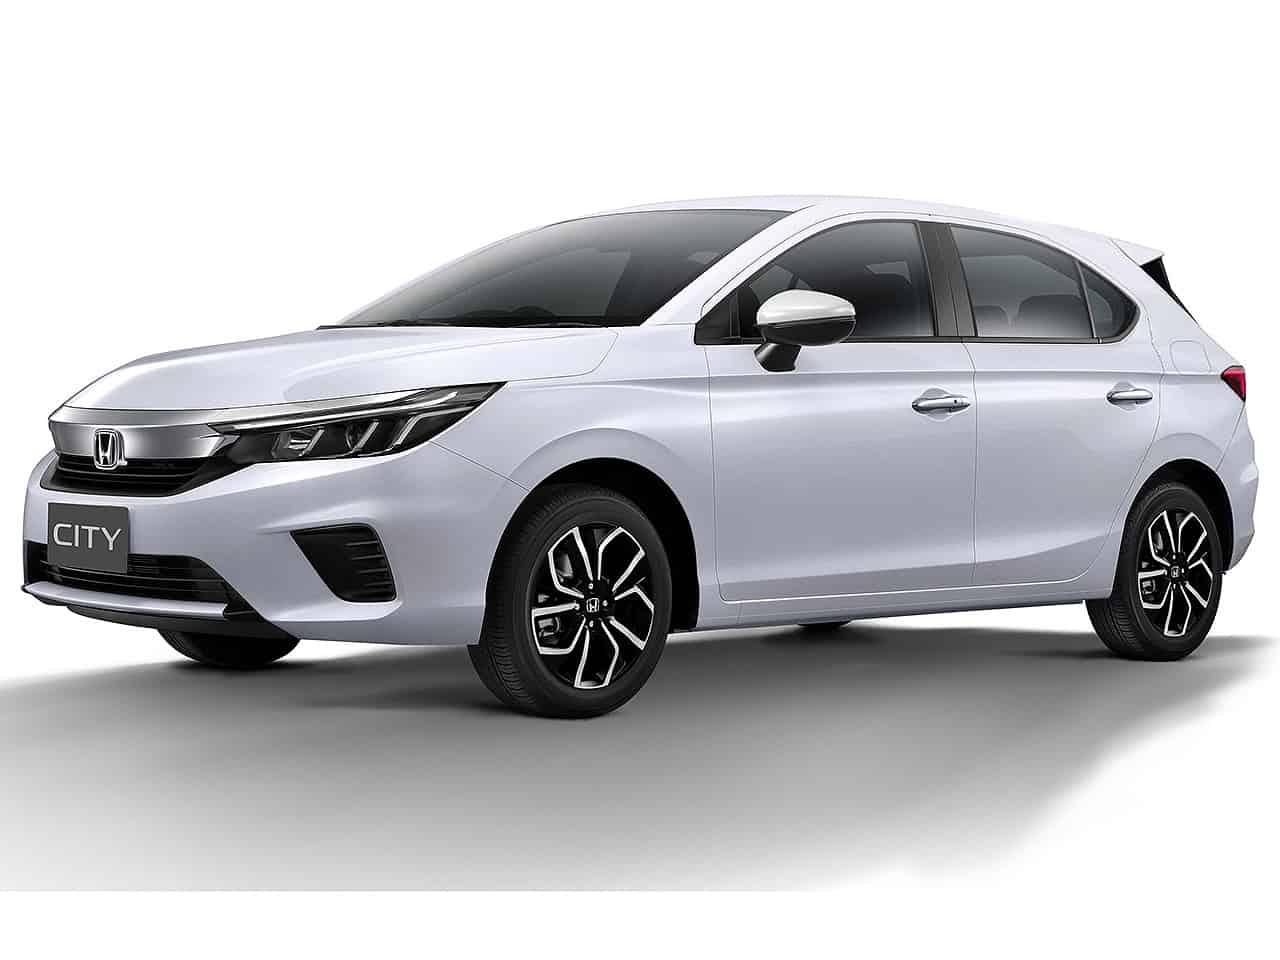 Inédito City hatch deve virar a porta de entrada da Honda no Brasil